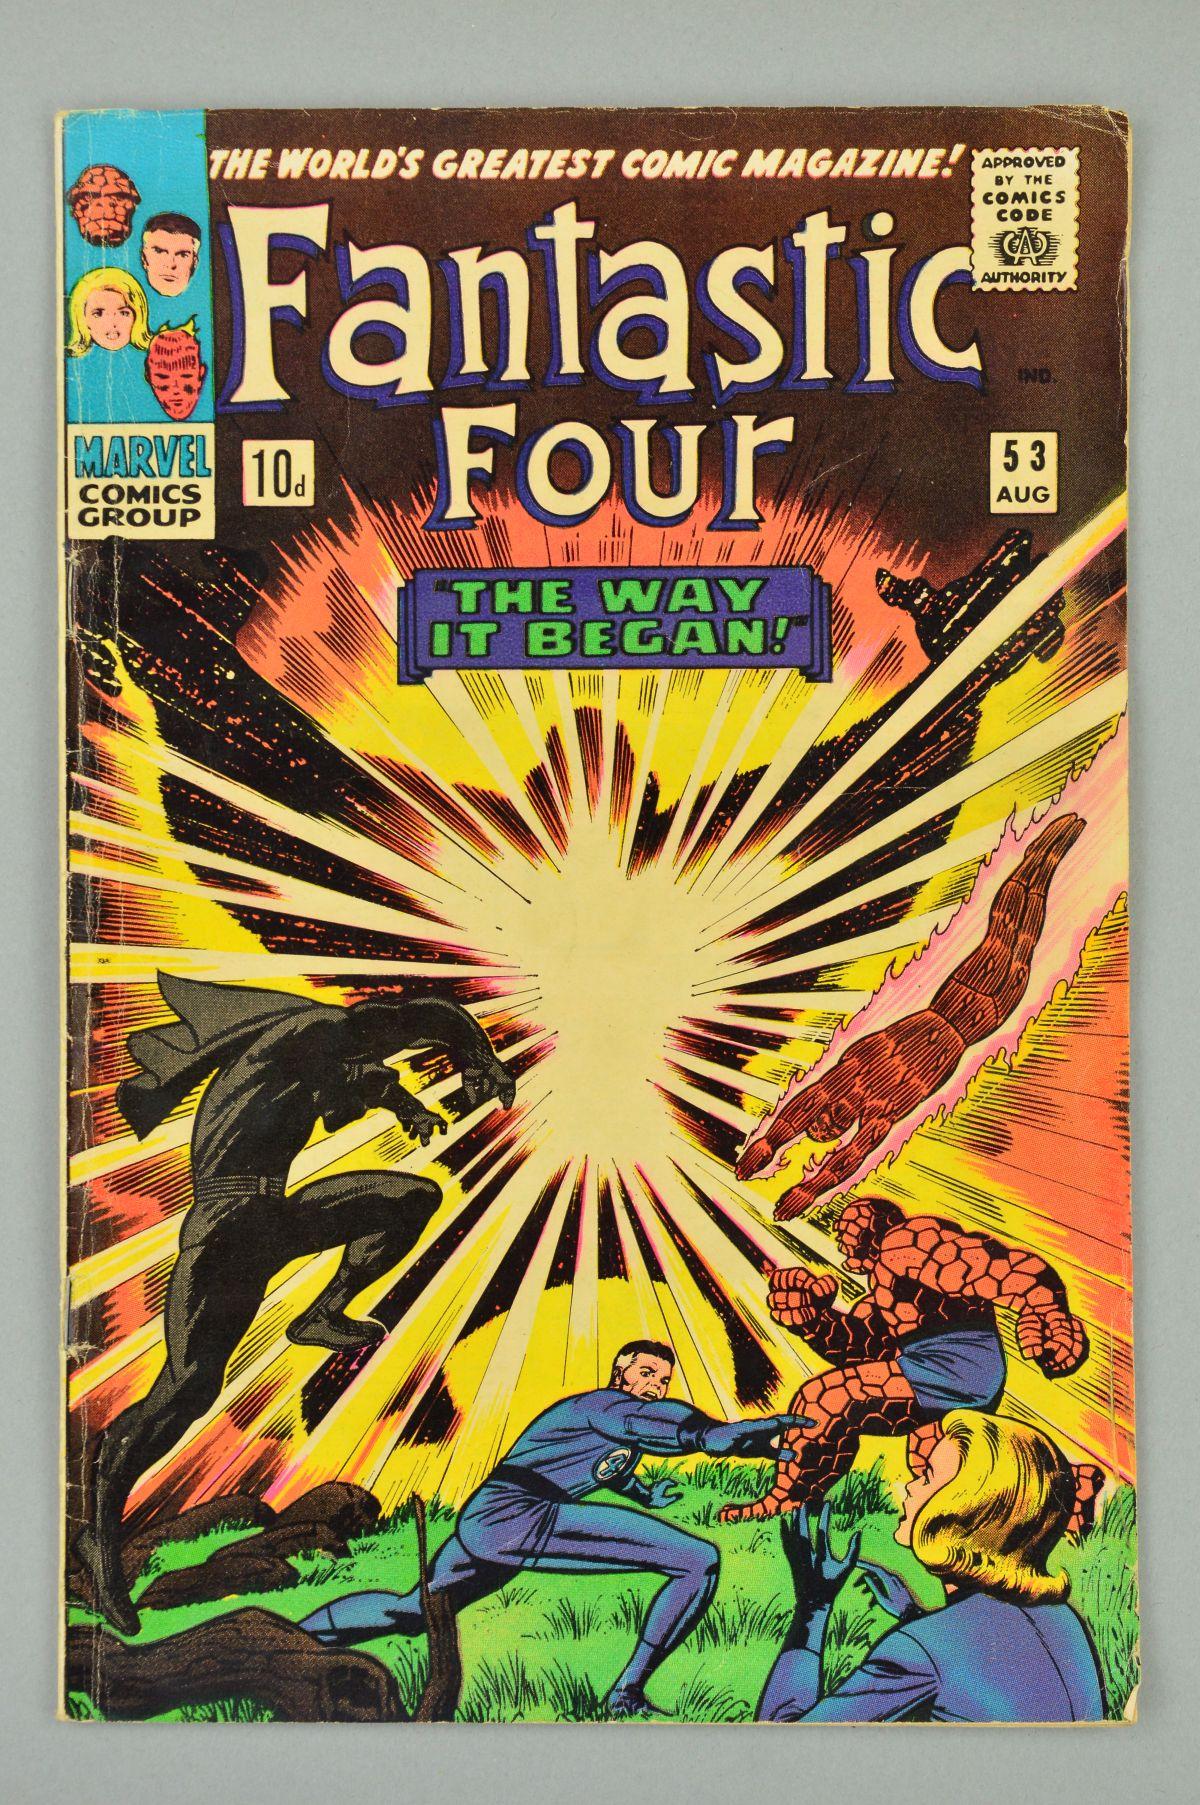 Lot 1848 - Fantastic Four (1961) #53, Published:August 10, 1966